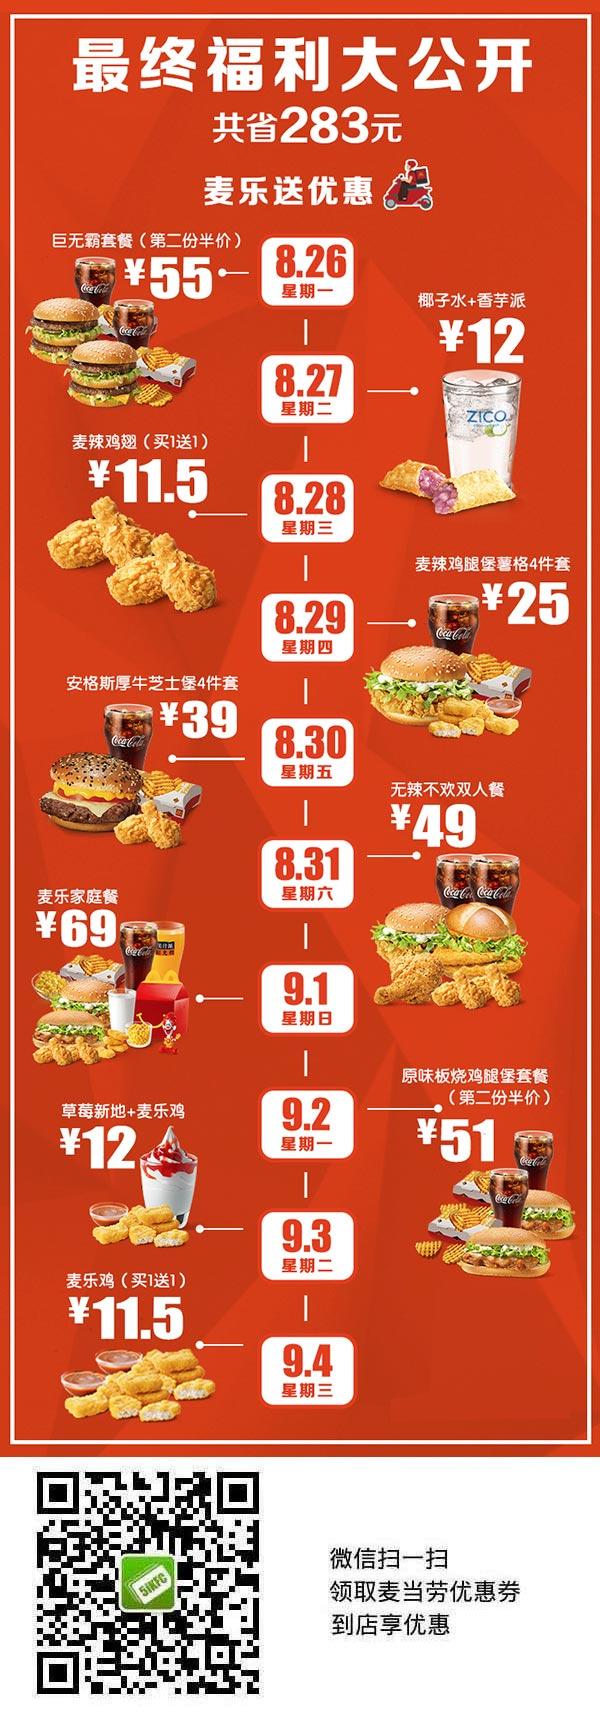 麦当劳麦乐送2019年8月会员节,鸡翅买1送1、套餐第二份半价 有效期至:2019年9月4日 www.5ikfc.com